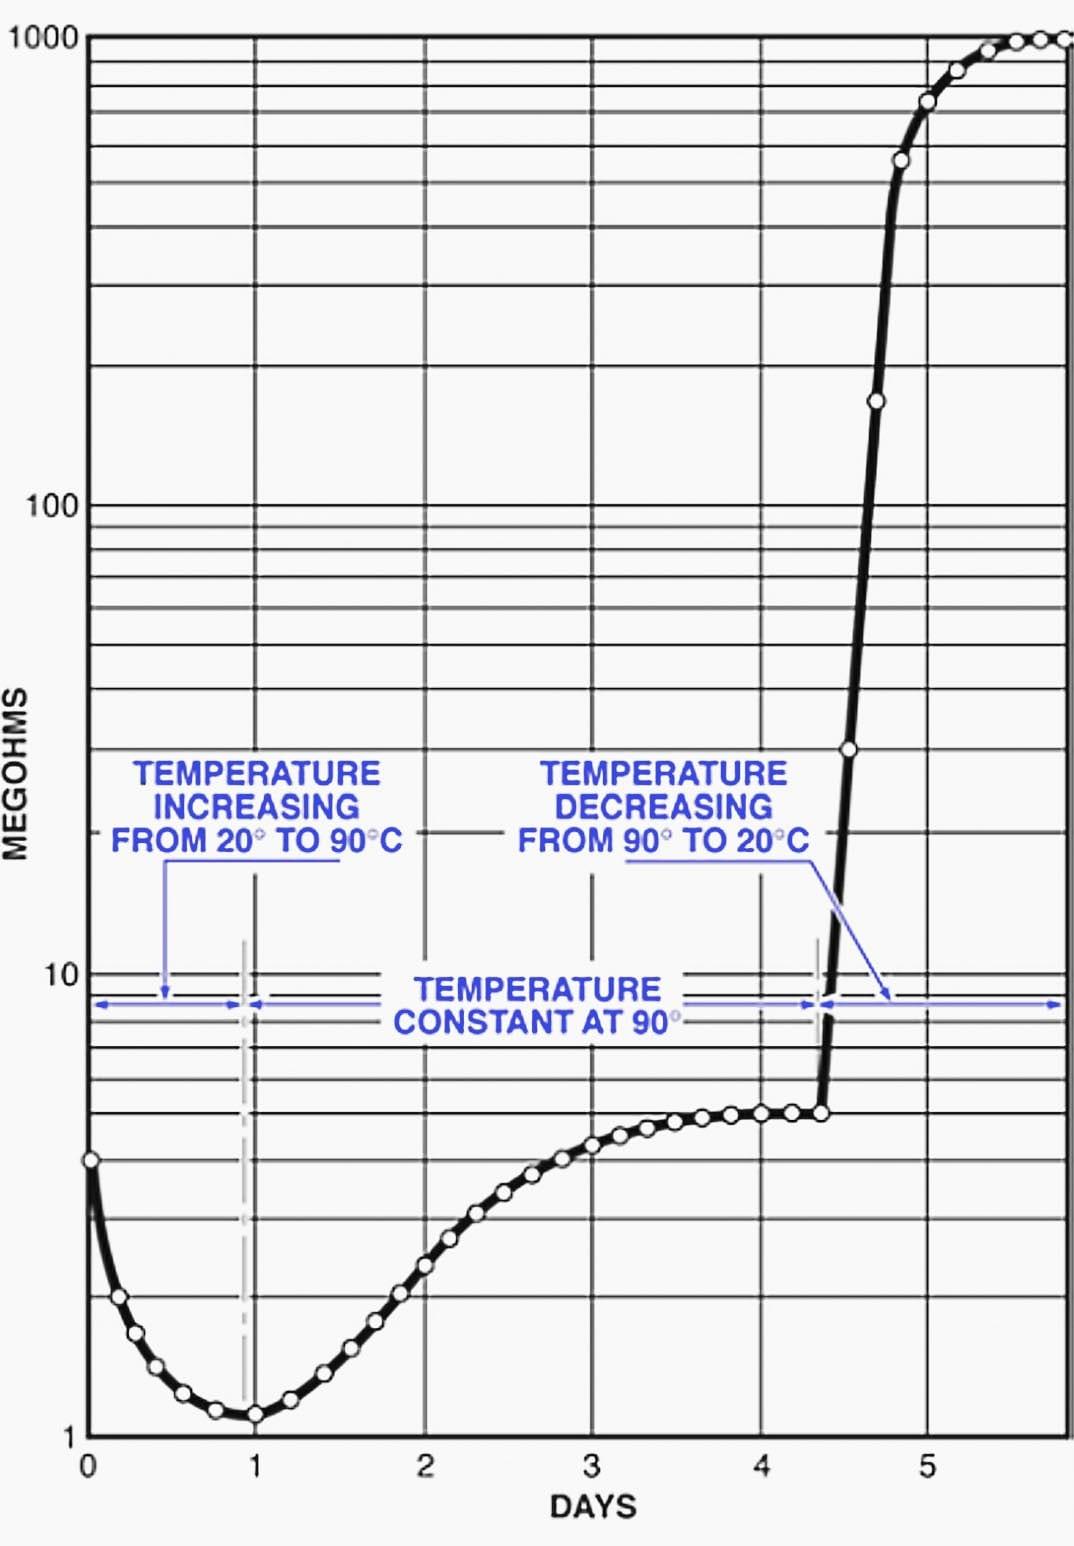 Curva de secado típica en la que se toman lecturas de un minuto de la resistencia del aislamiento cada cuatro horas